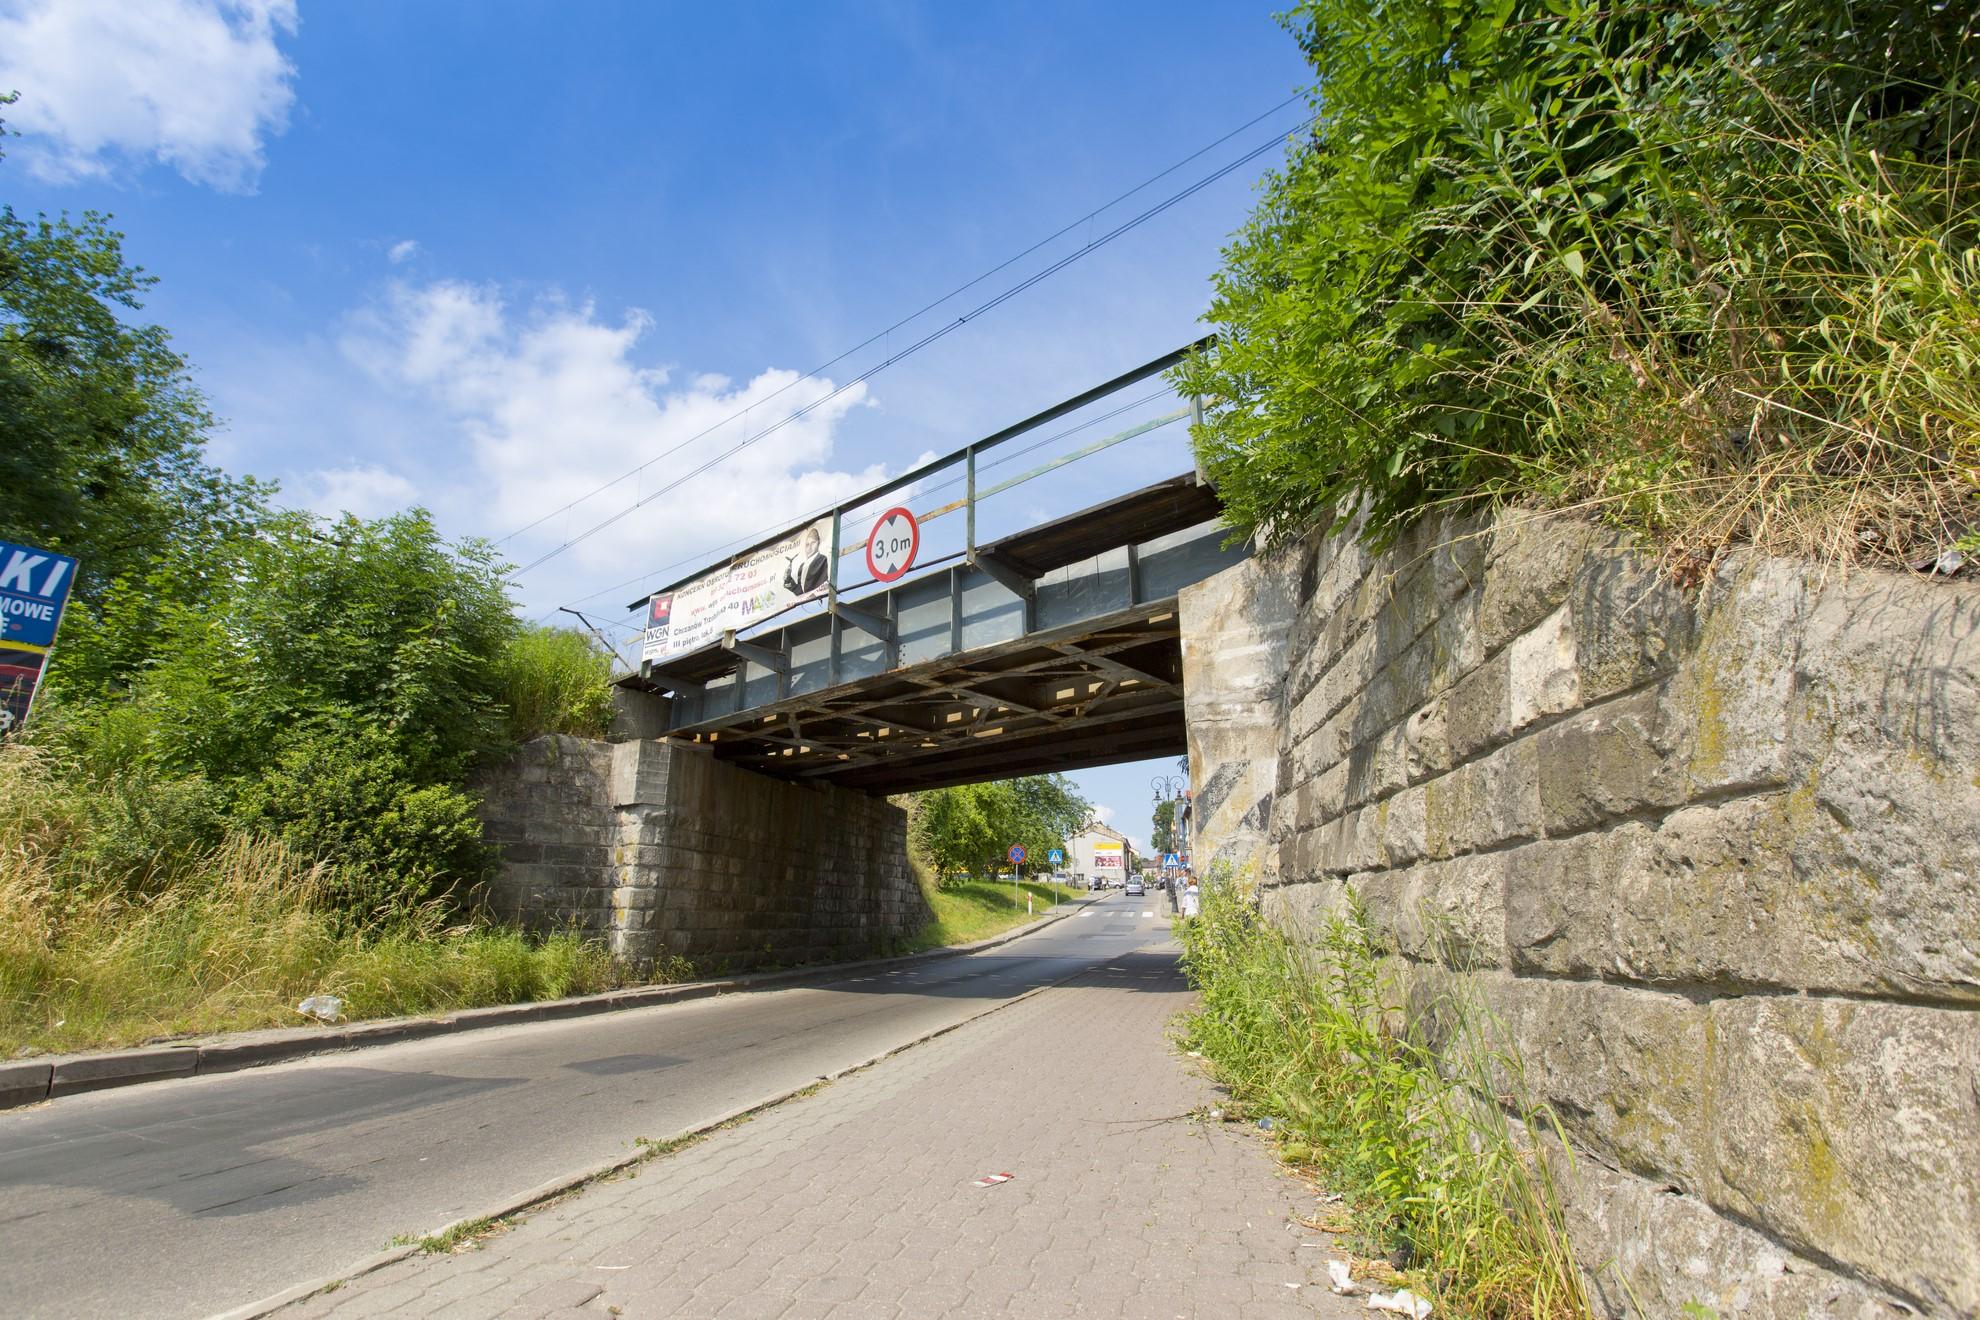 Zdjęcie: widok z dołu na wiadukt nad ulicą Krakowską w Chrzanowie.